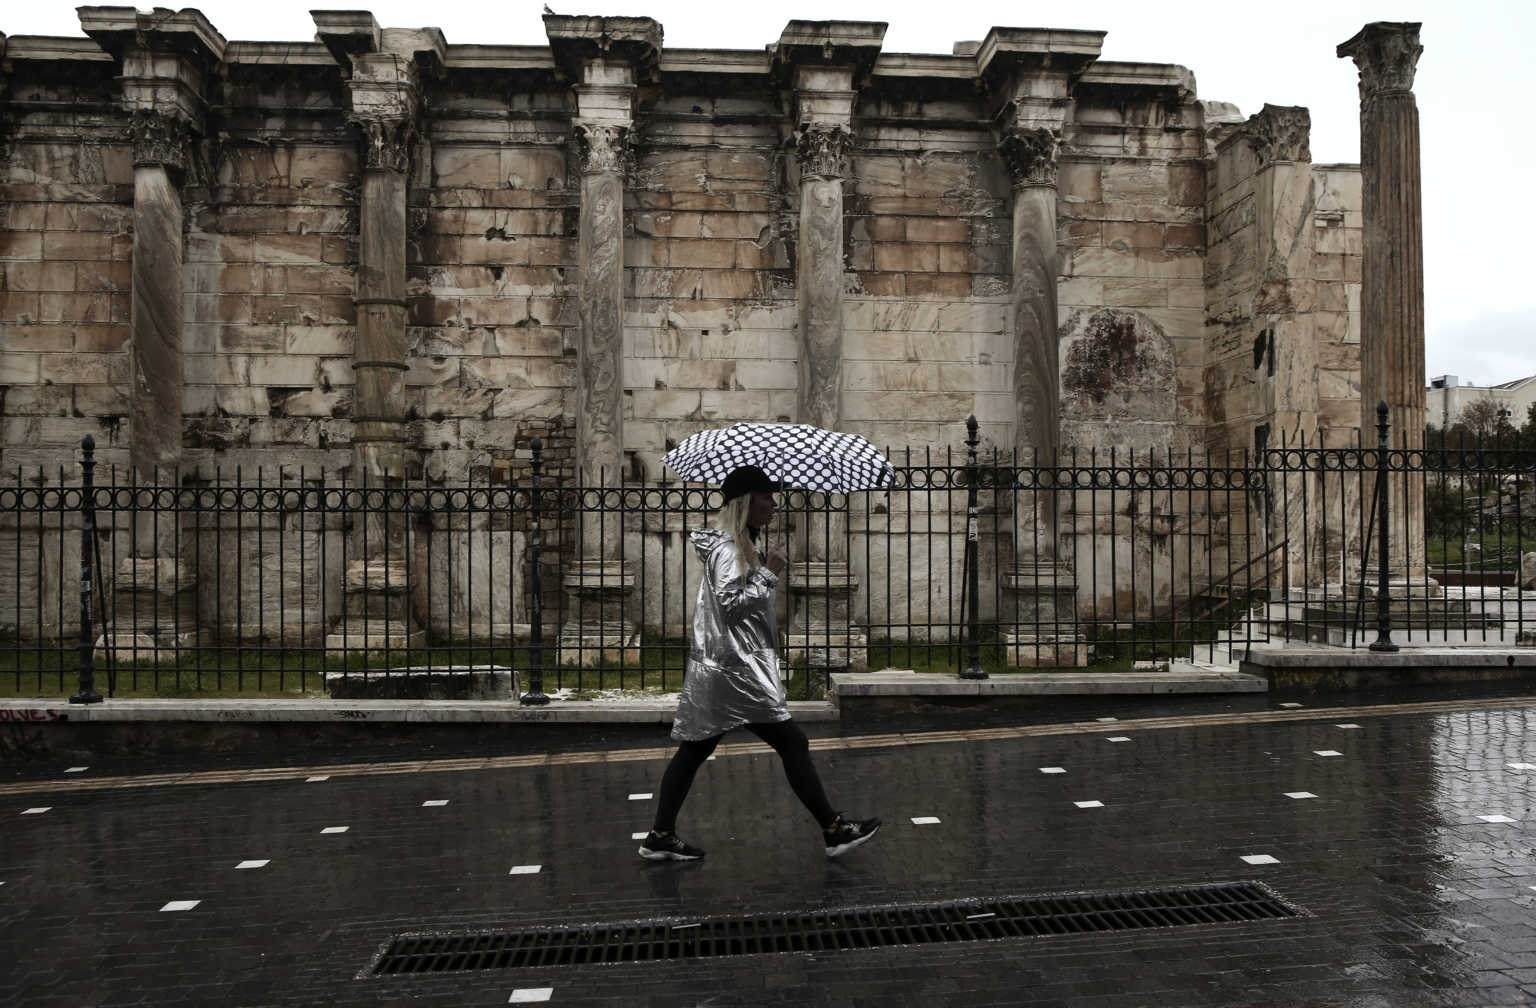 Καιρός αύριο: Πρωταπριλιά με ισχυρές βροχές και καταιγίδες